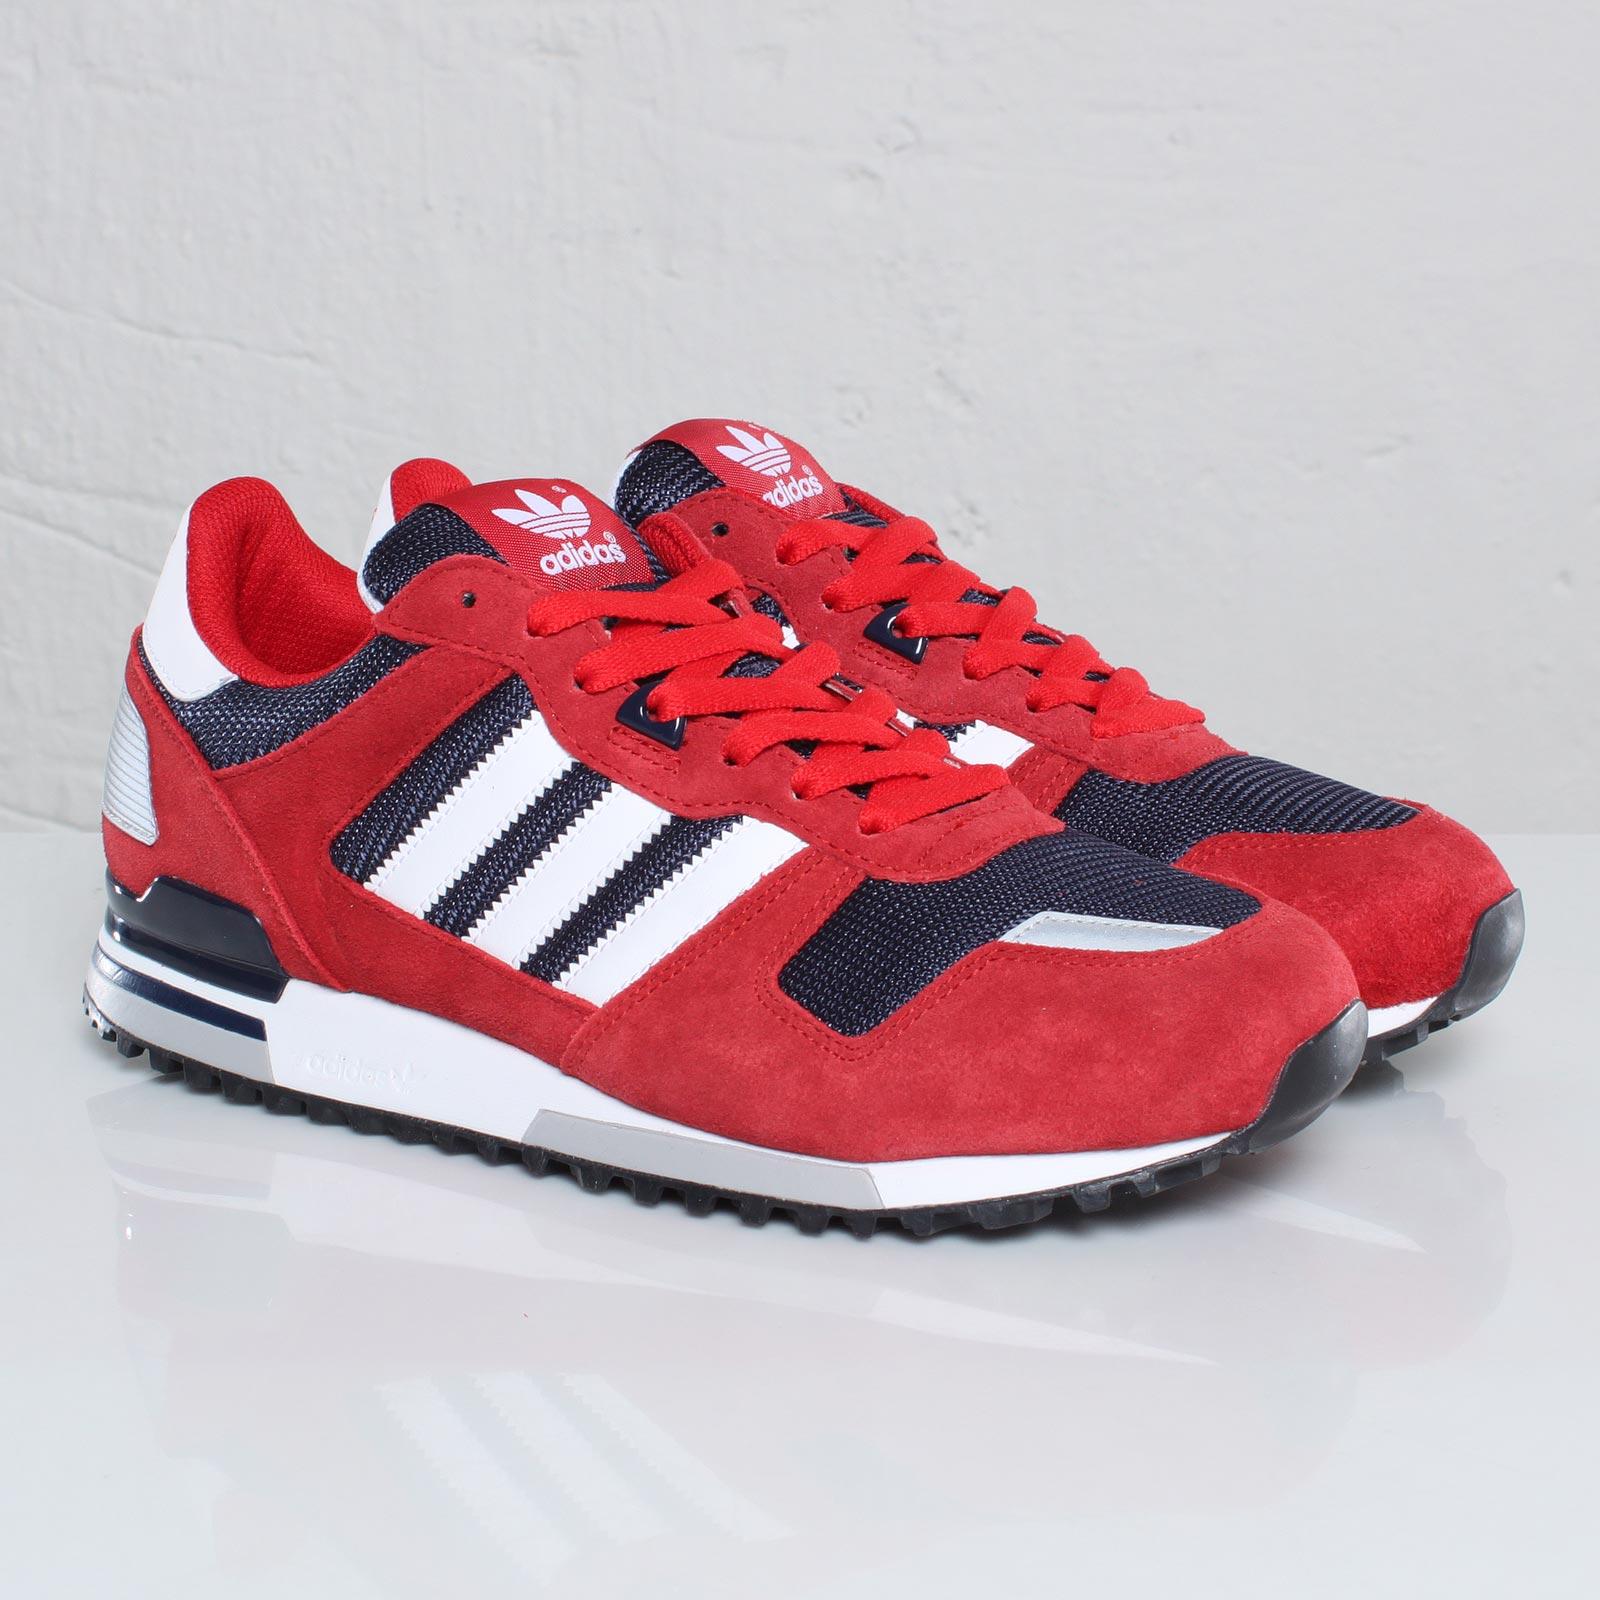 adidas zx 700 109284 sneakersnstuff scarpe & streetwear